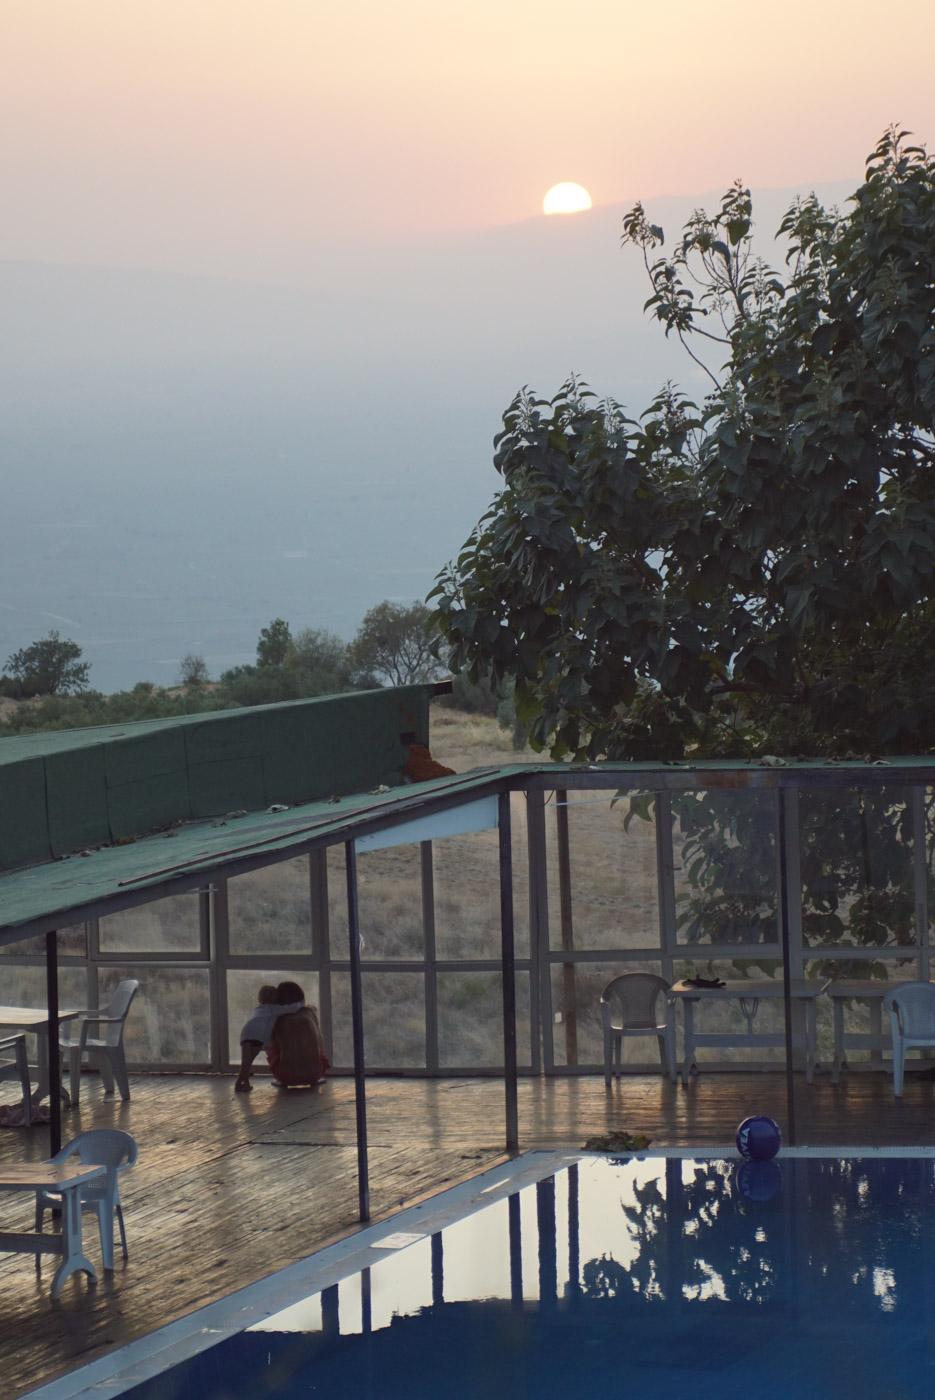 In der Nähe von amukkale Punkt im Vordergrund ist ein Swimmingpool zusehen dahinterstehen Paul und Luke unter einer Veranda und blicken in dem Horizont wo gerade die Sonne hinter einem Berg verschwindet.